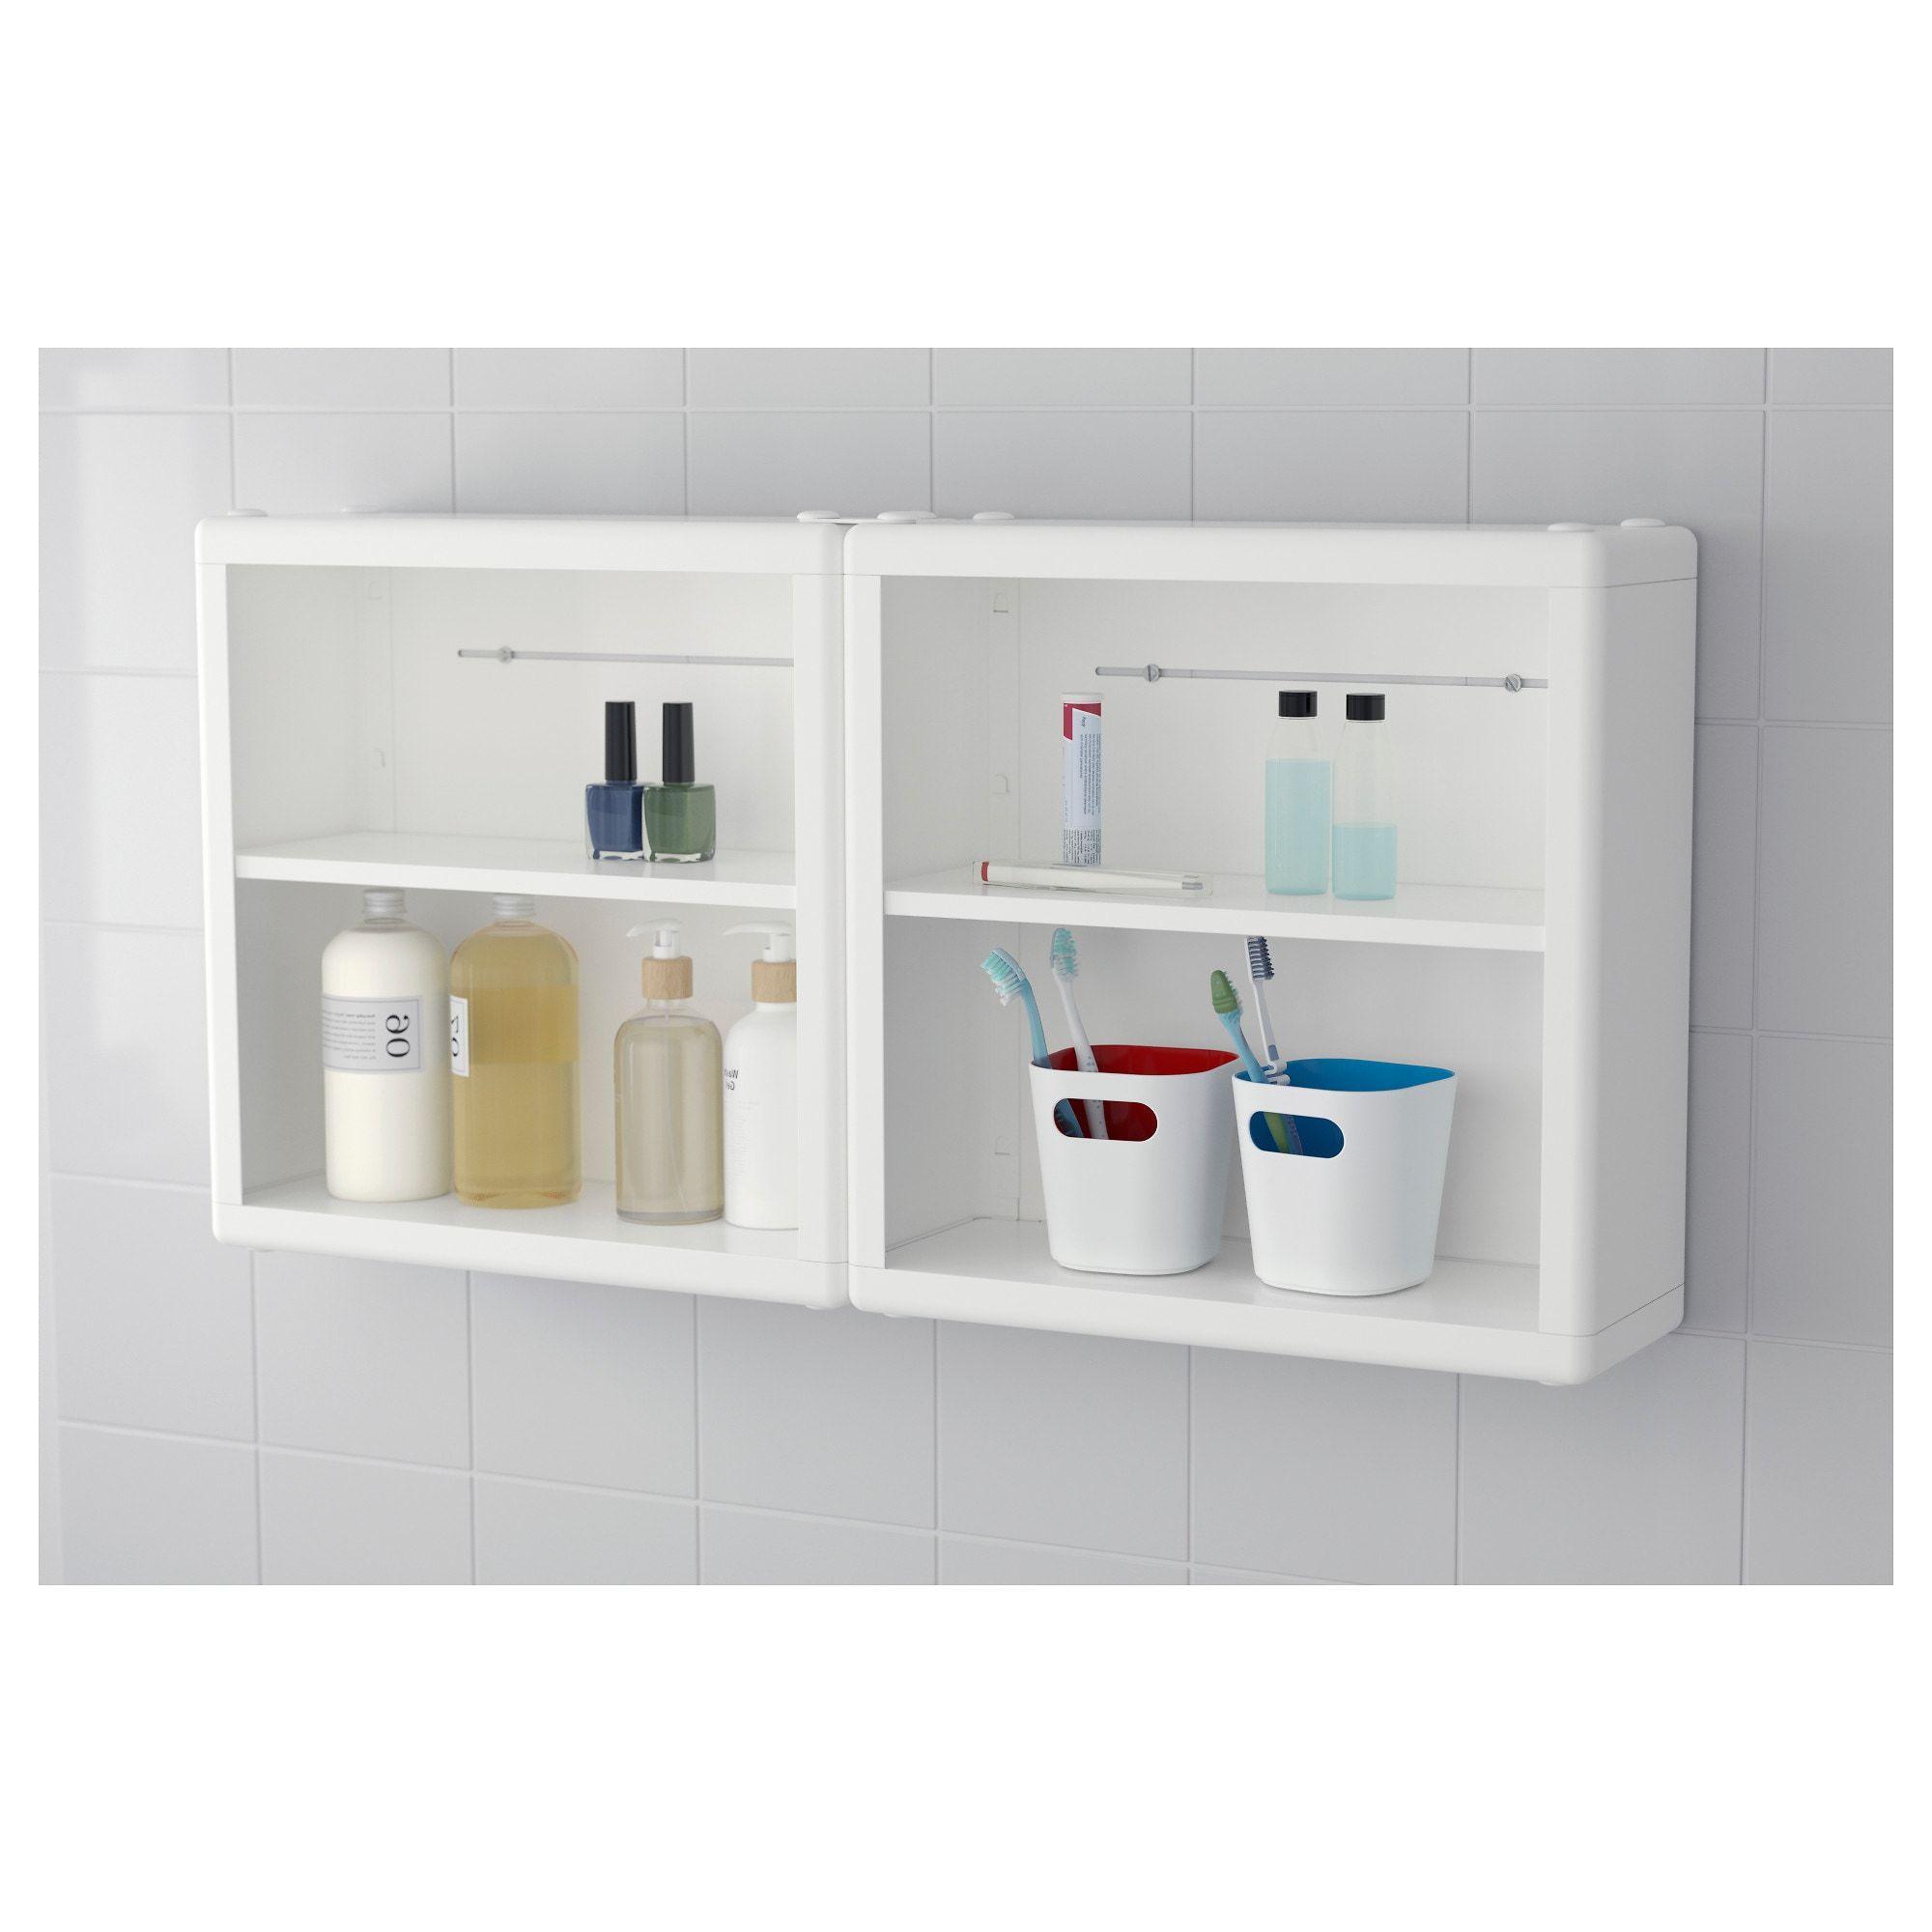 DYNAN Wall shelf, white, 7x7x7 cm - IKEA in 7  Wall shelves